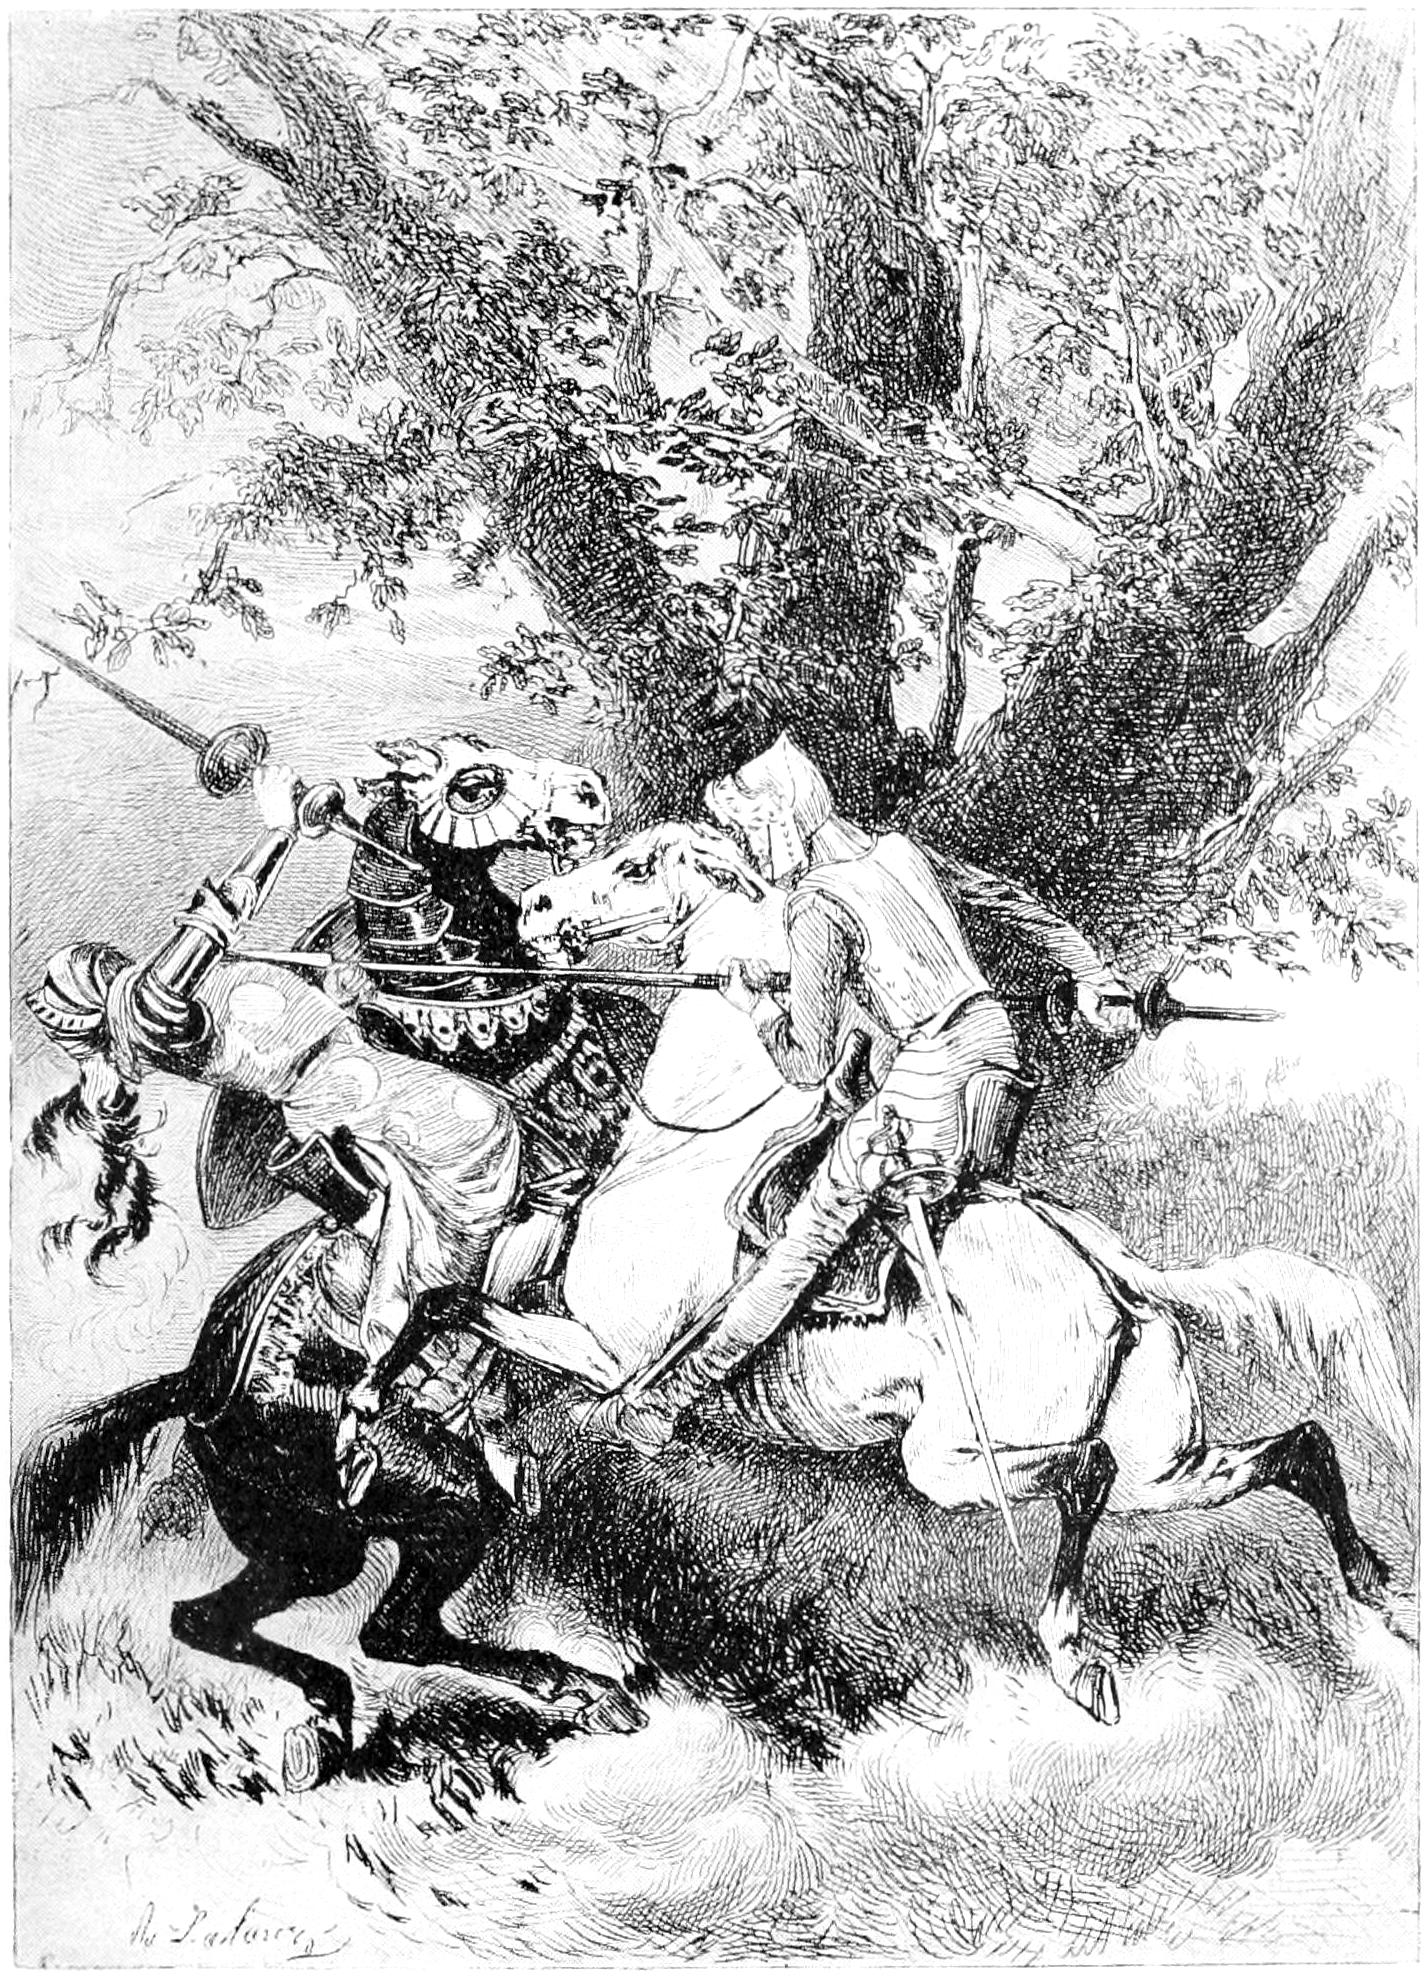 Don_Quixote_(Cervantes,_Ormsby)_-_Don_Quixote_and_the_Knight_of_the_Mirrors